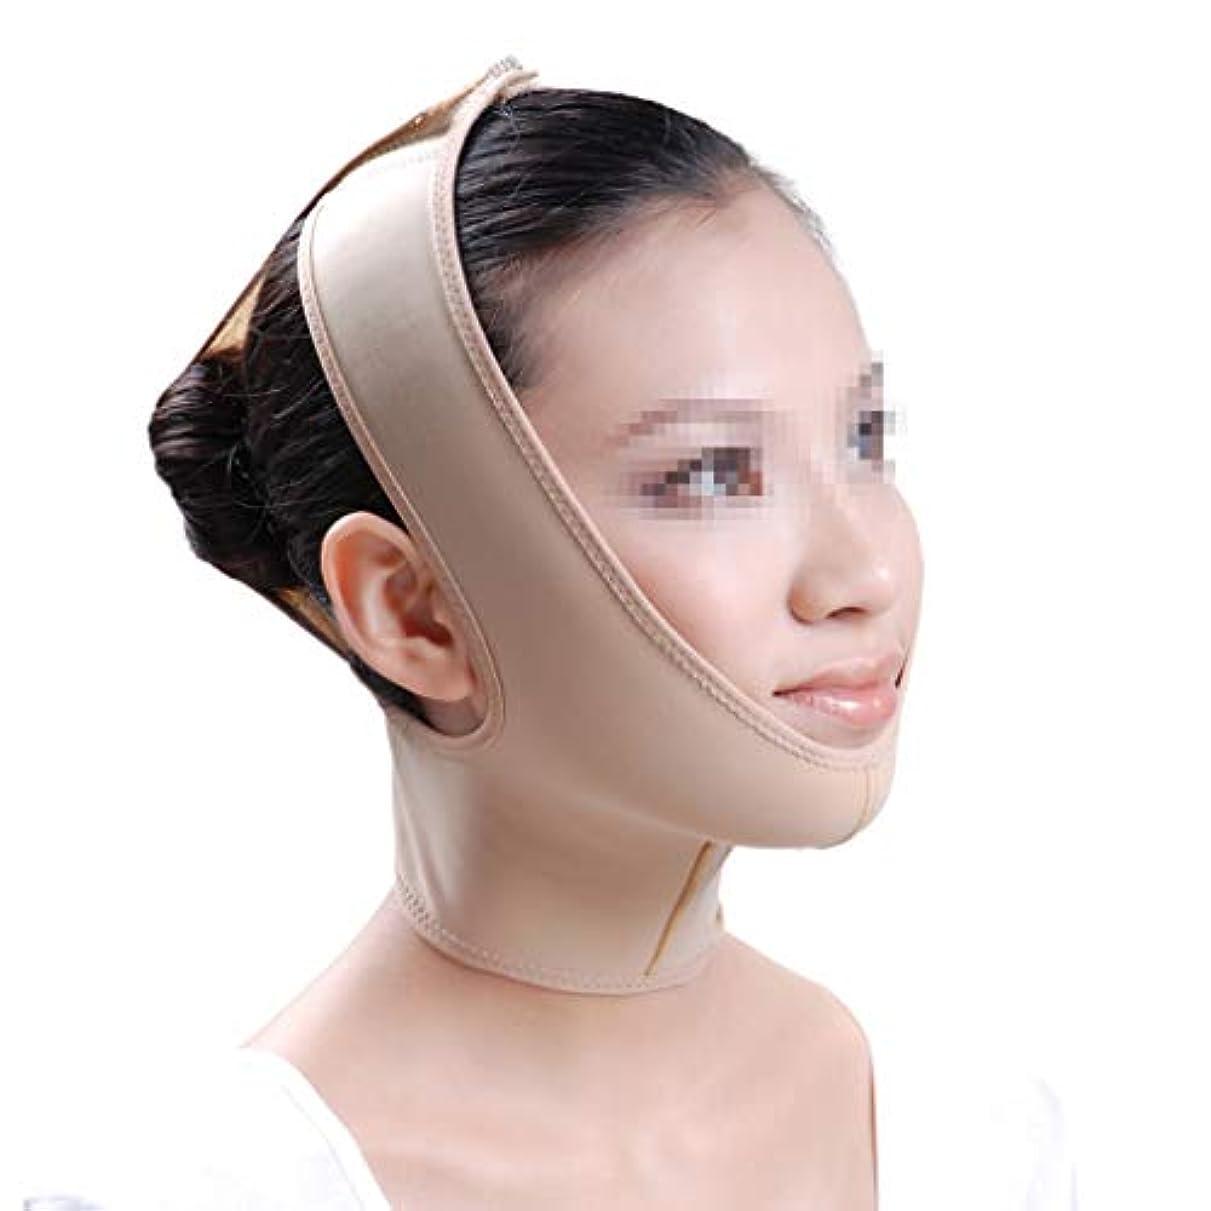 小屋露出度の高い一般化するXHLMRMJ フェイスリフトマスク、ジョーネックスリーブネックダブルチンフェイス医療脂肪吸引術創傷フェイスマスクヘッド弾性スリーブ (Size : M)